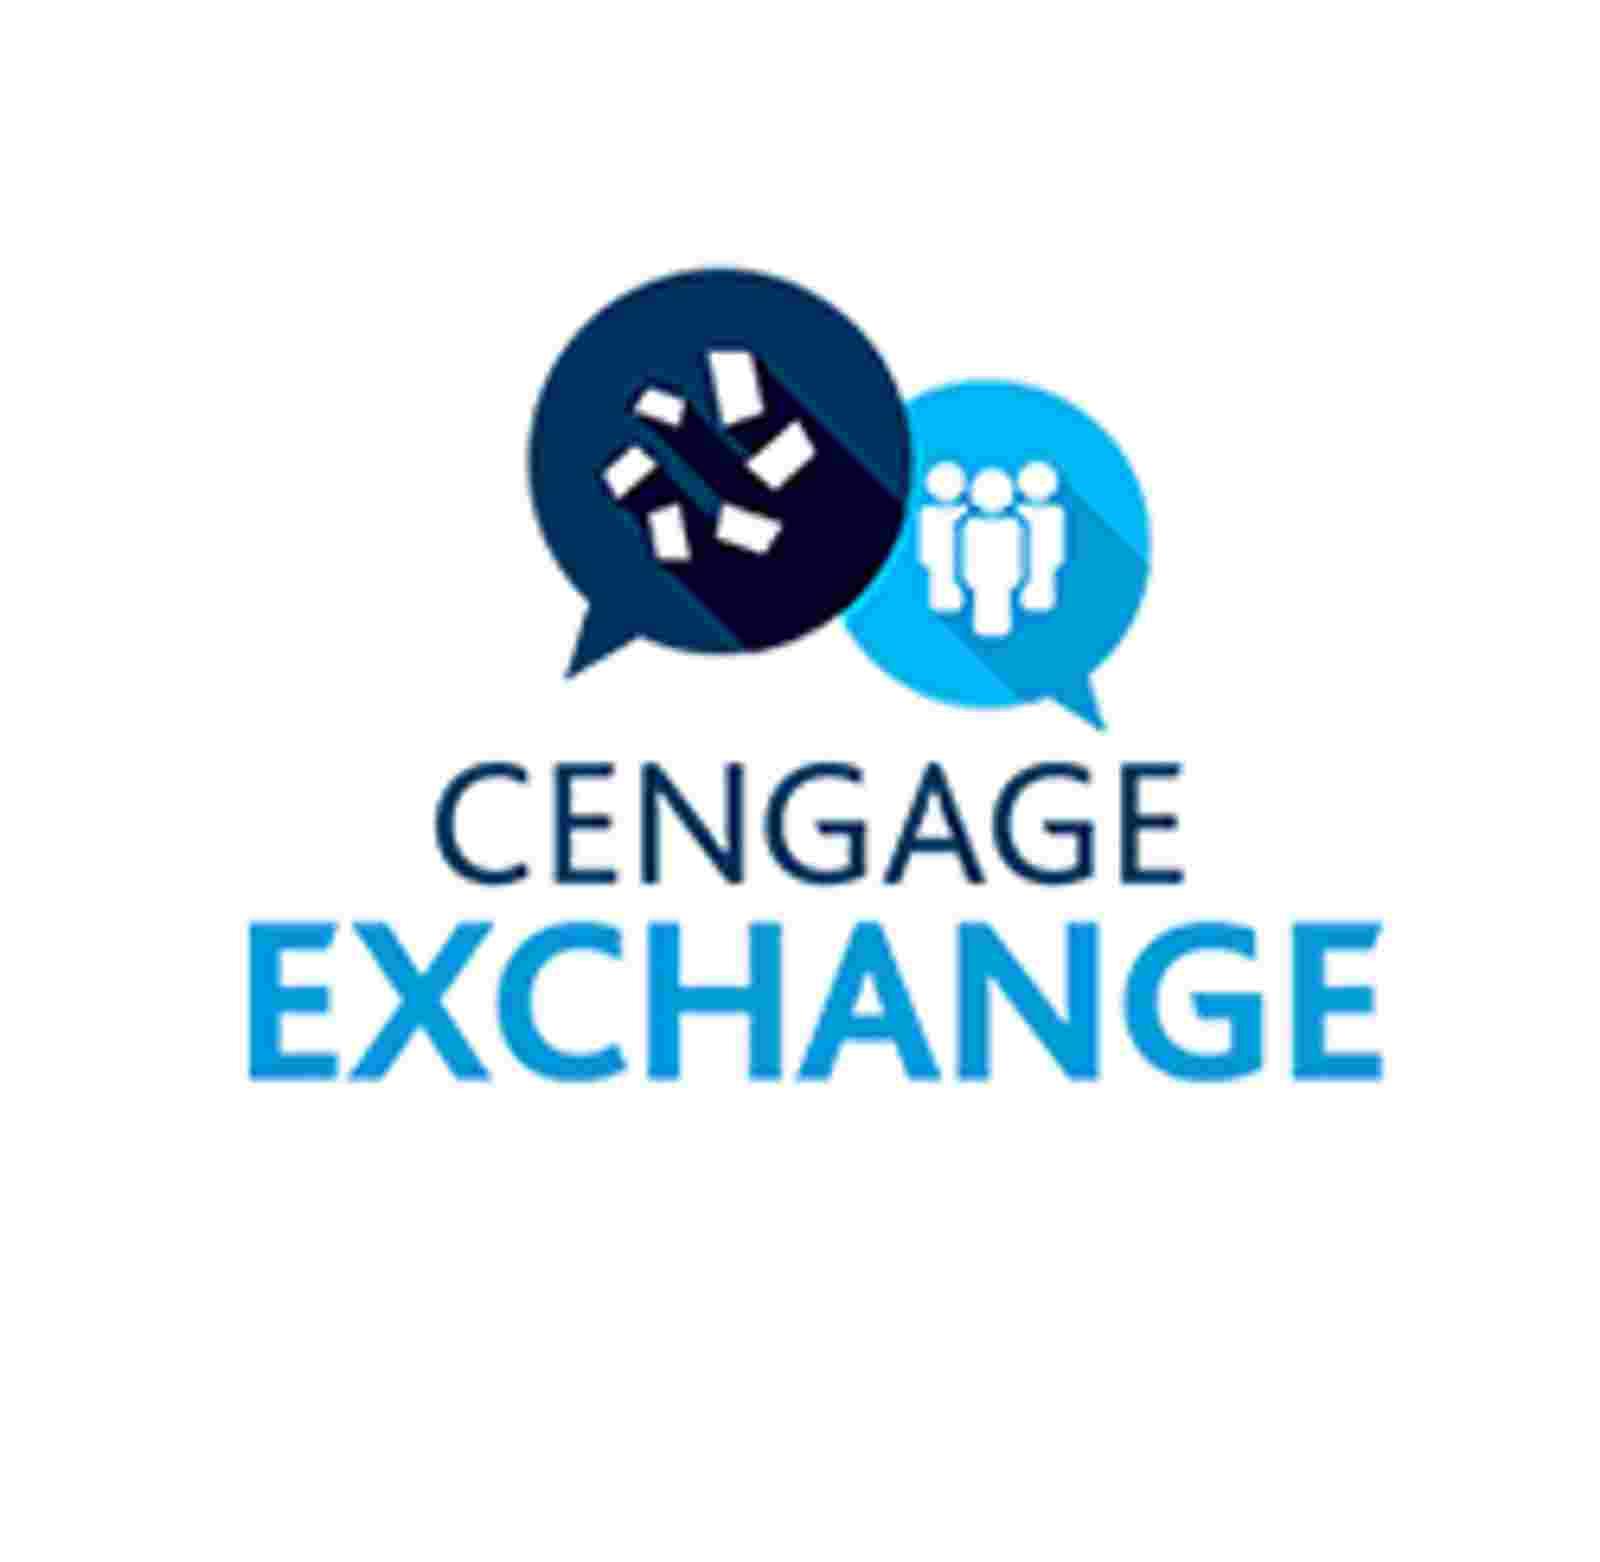 Cengage Exchange